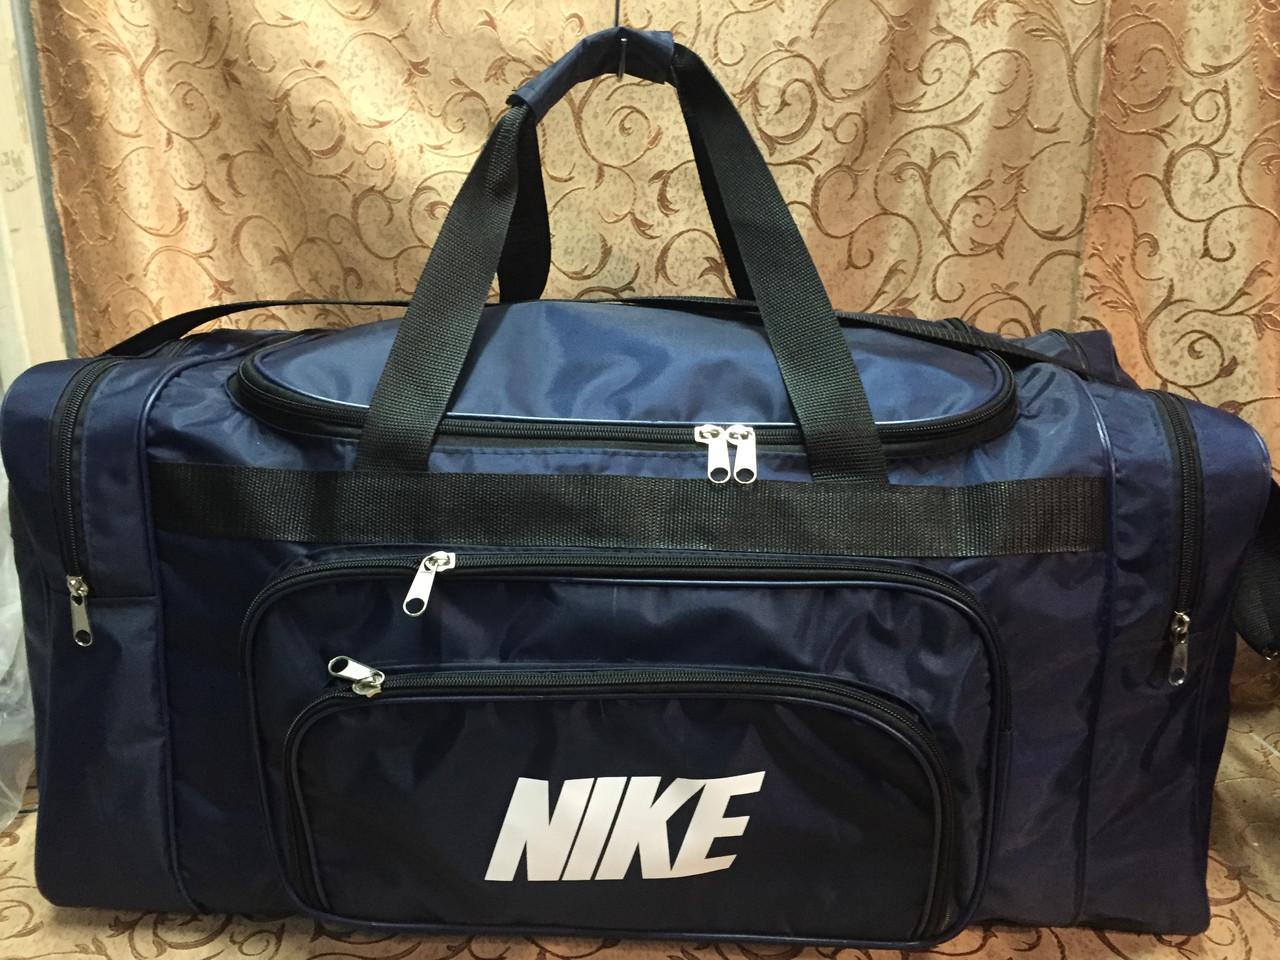 Дорожная сумка Большой(33 70 30)Спортивная сумка adidas только ОПТ Спортивная  дорожная сумка 167cb17ce93